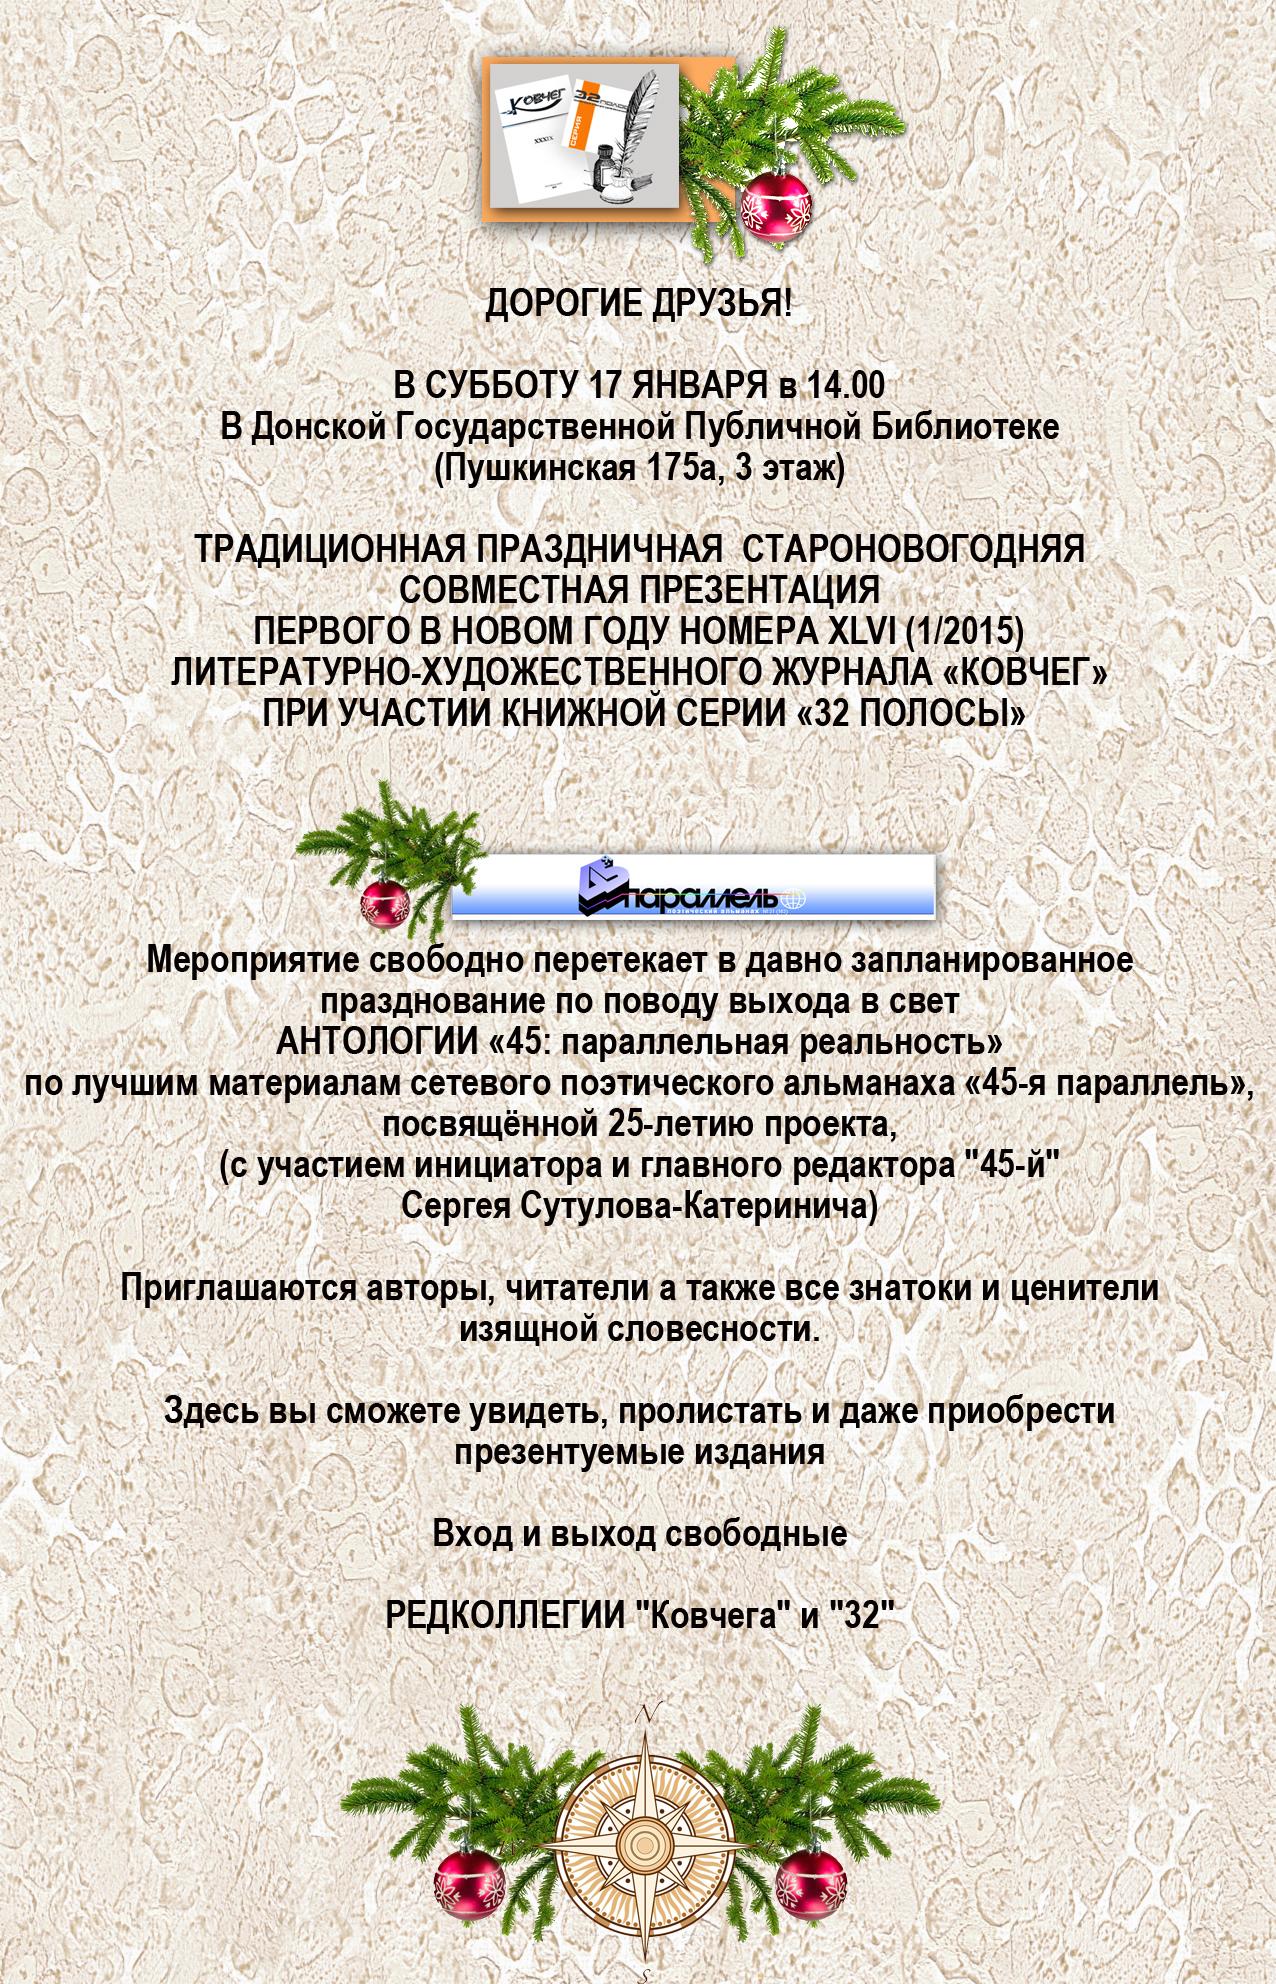 АНОНС 17 01 15